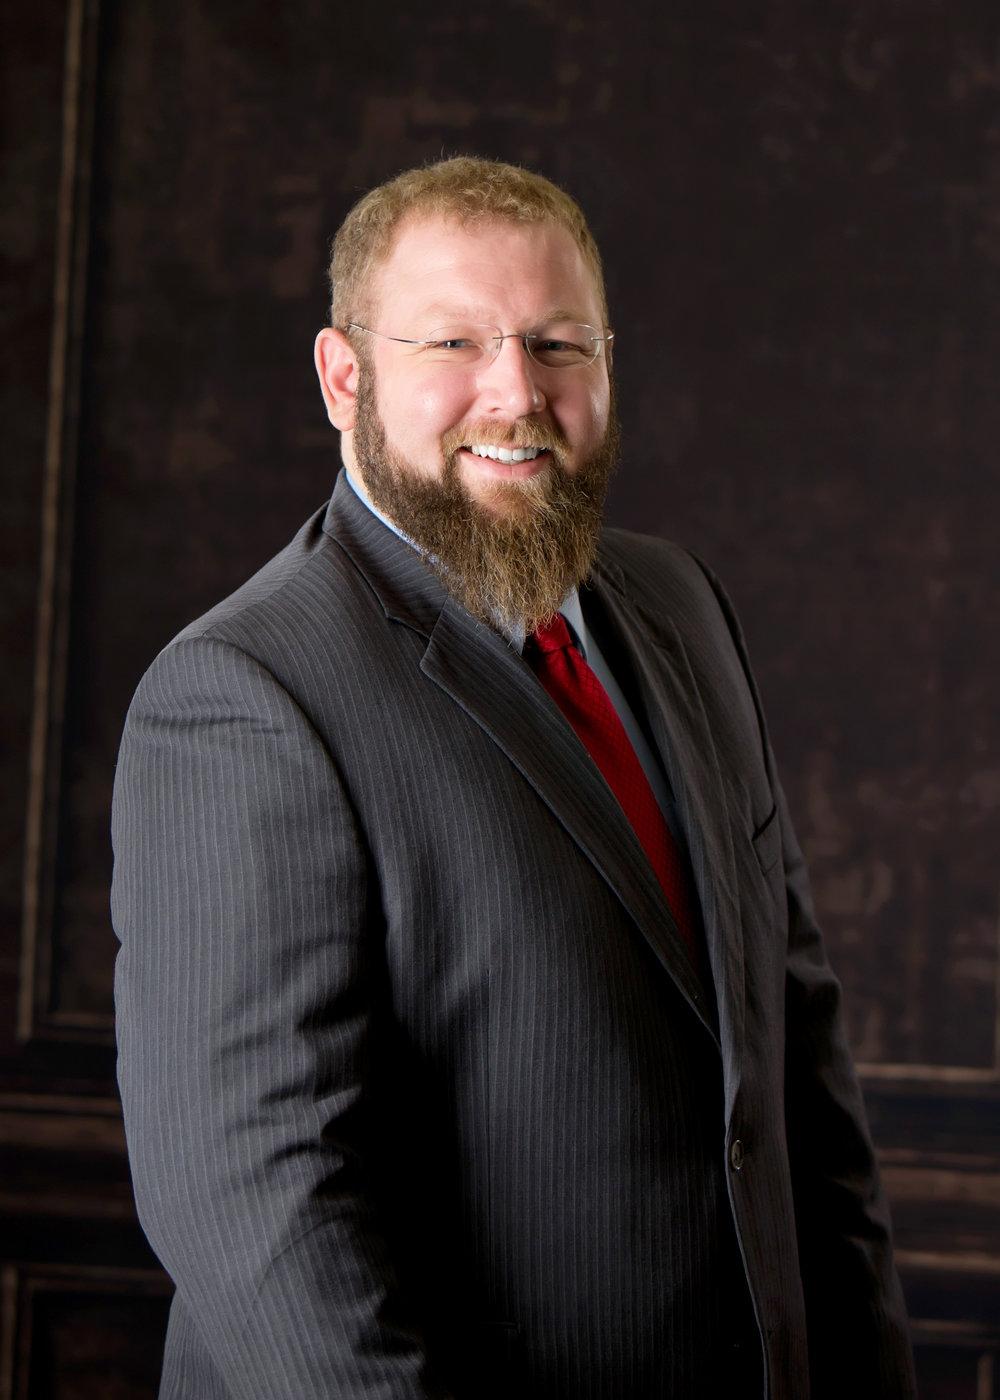 Austin Crowe, Attorney - acrowe@capelawfirm.com